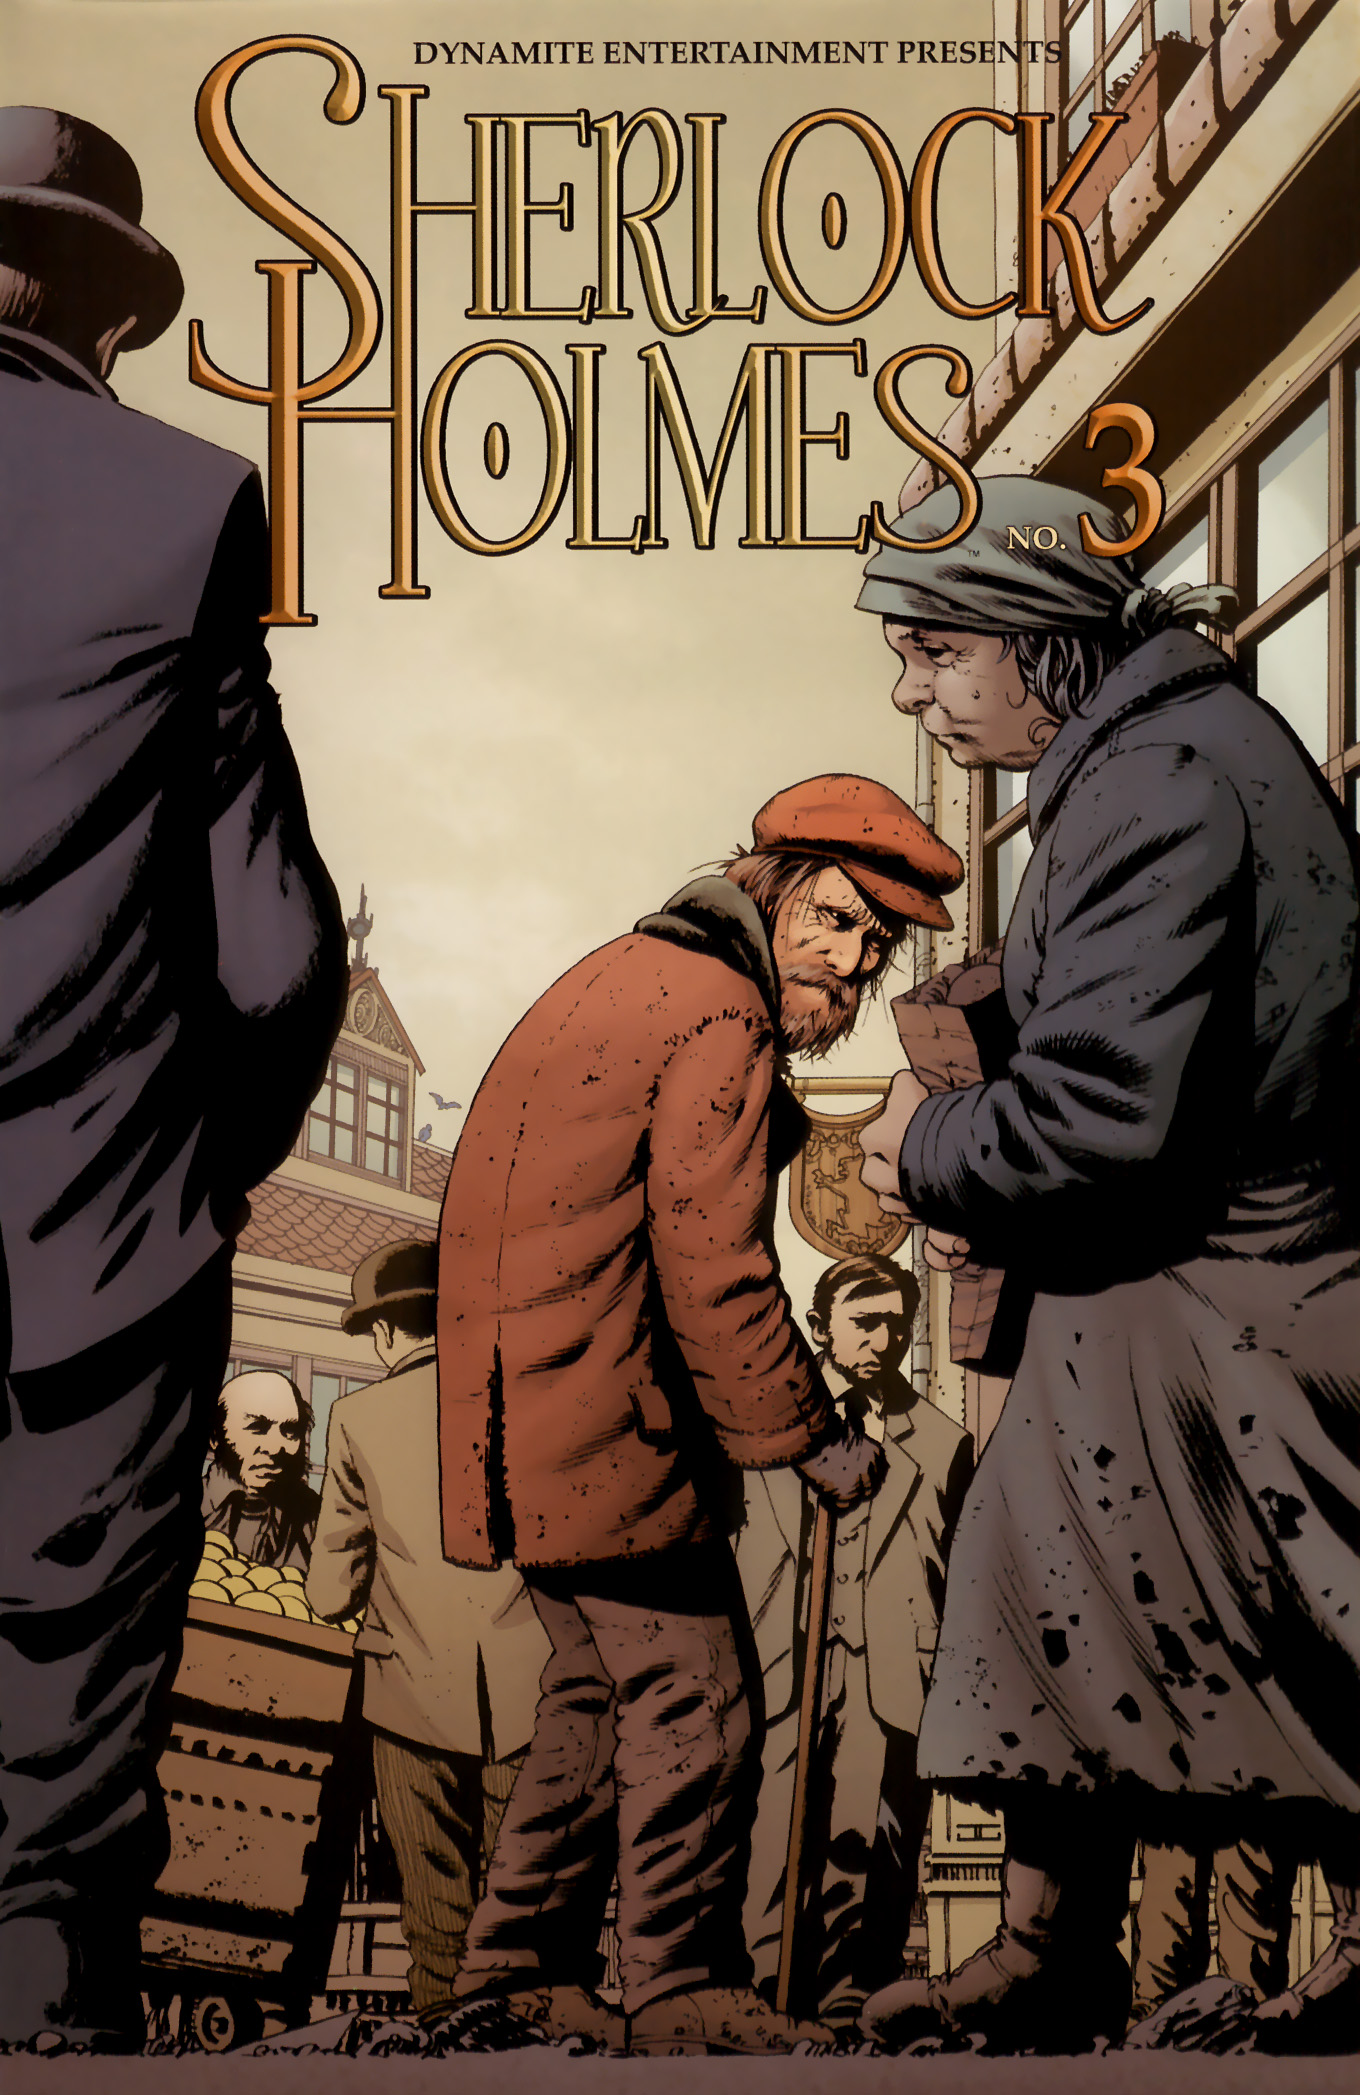 Read online Sherlock Holmes (2009) comic -  Issue #3 - 1